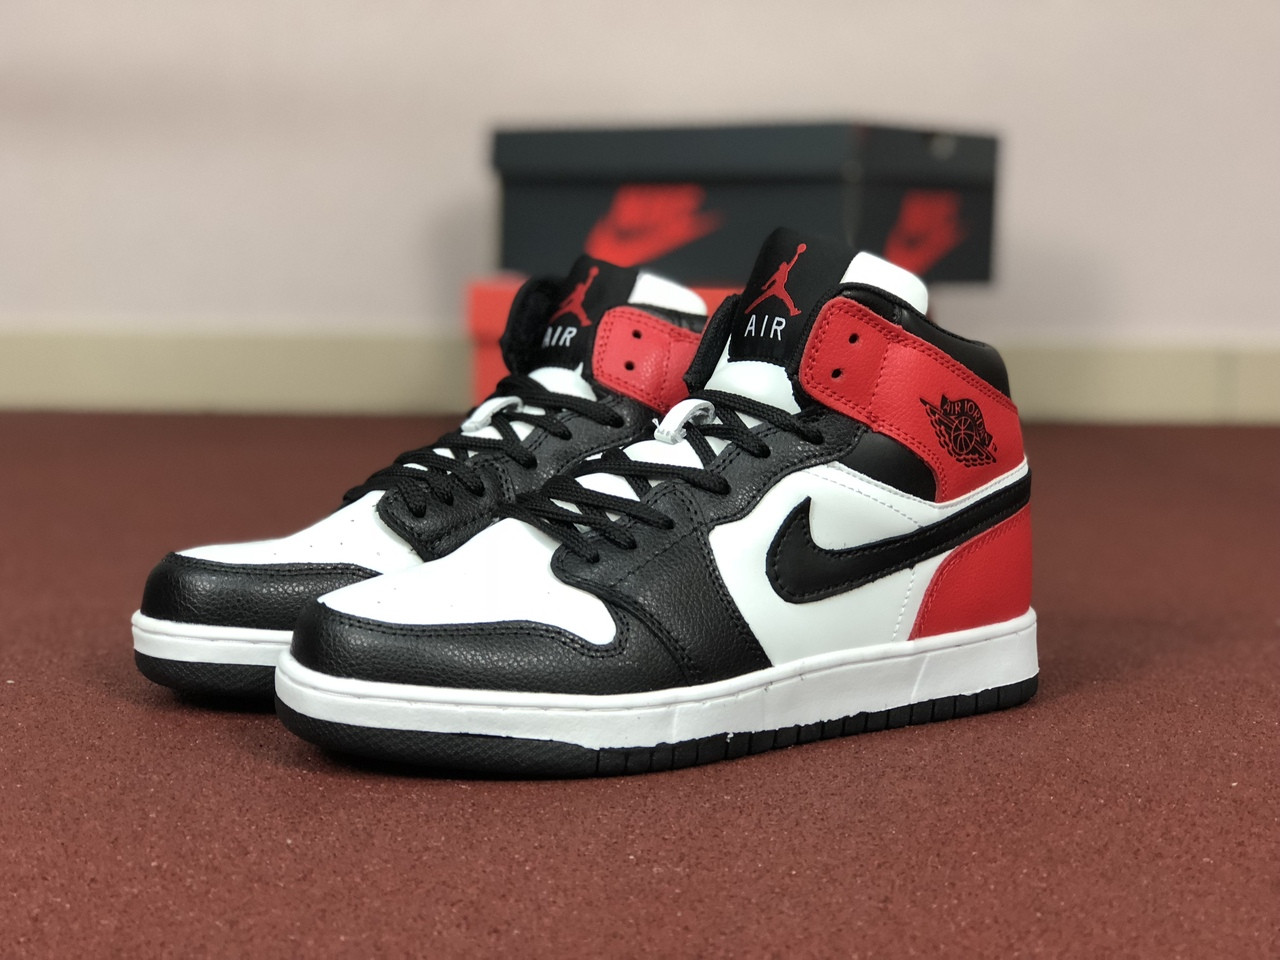 Кроссовки мужские Nike Air Jordan 1 Retro. ТОП КАЧЕСТВО!!! Реплика класса люкс (ААА+)